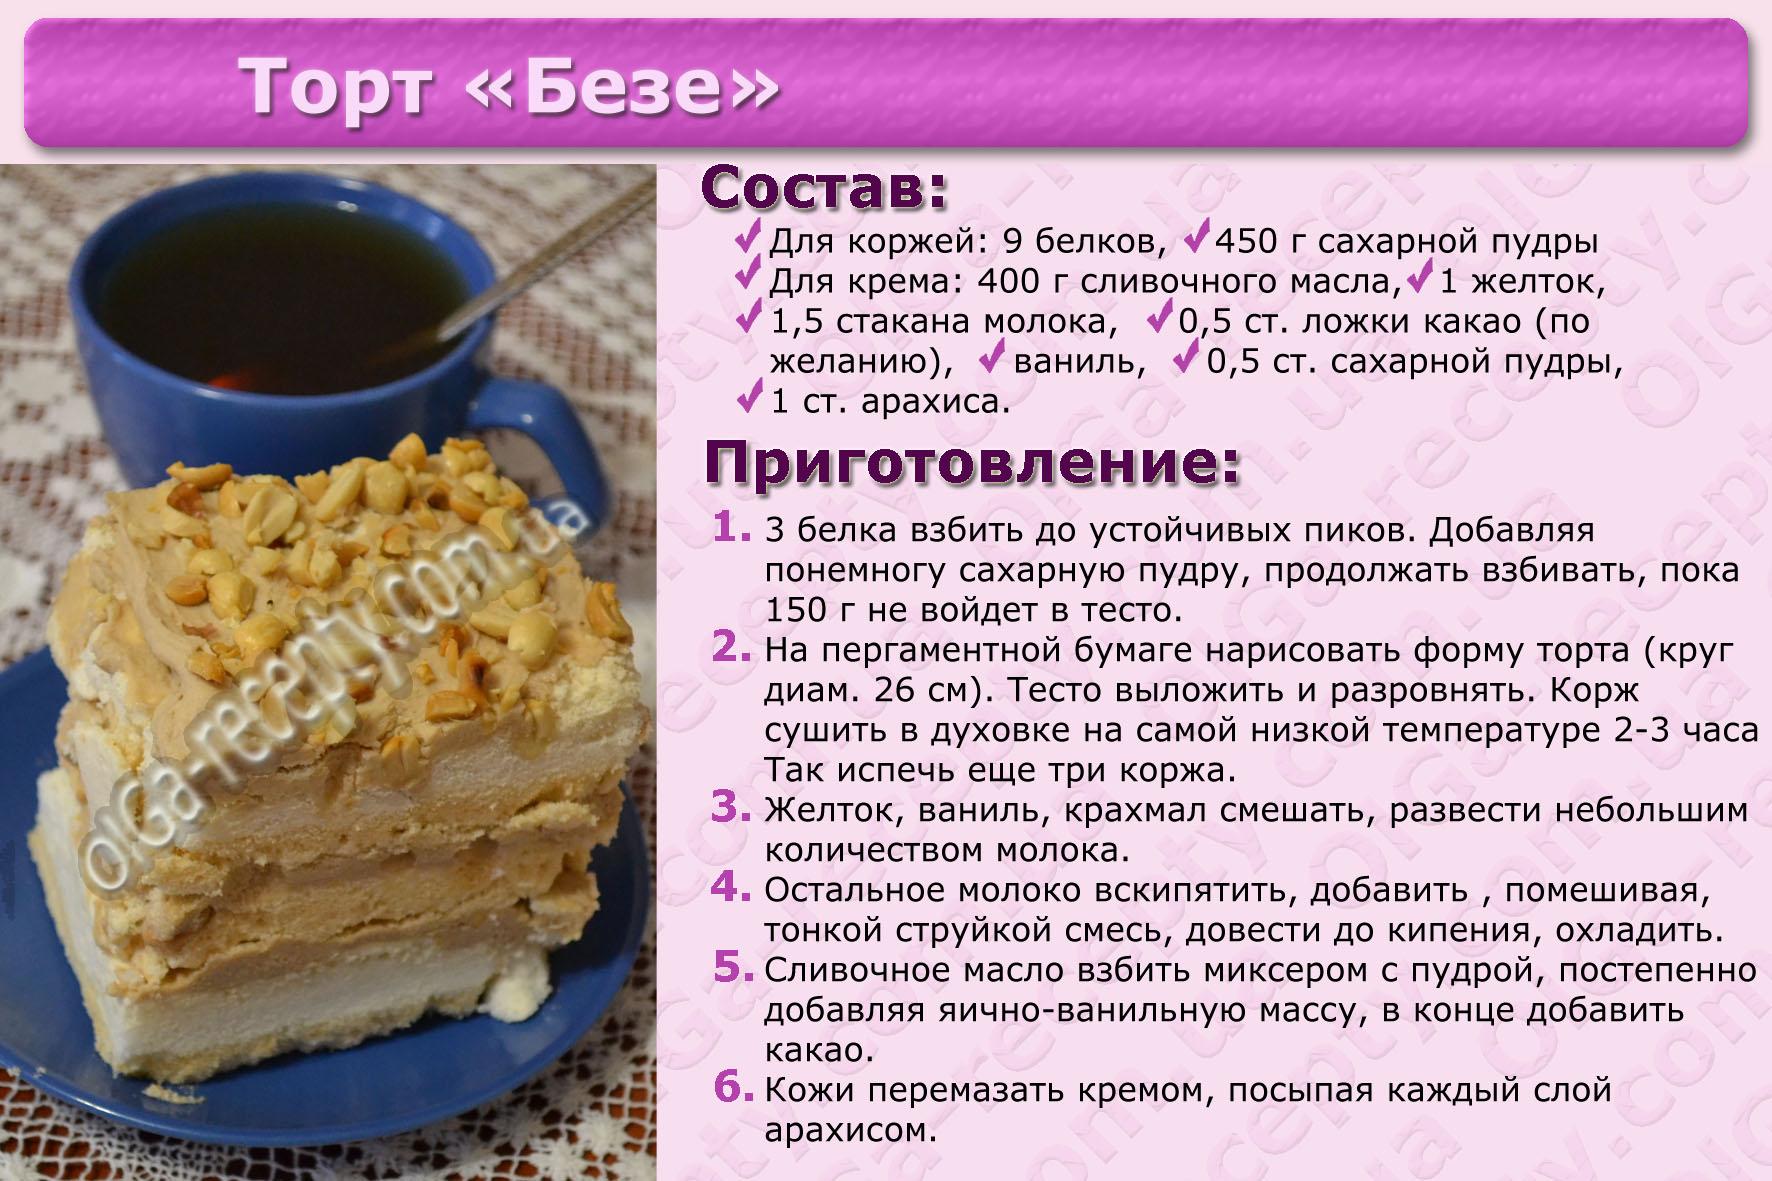 Очень вкусные торты рецепт пошаговый